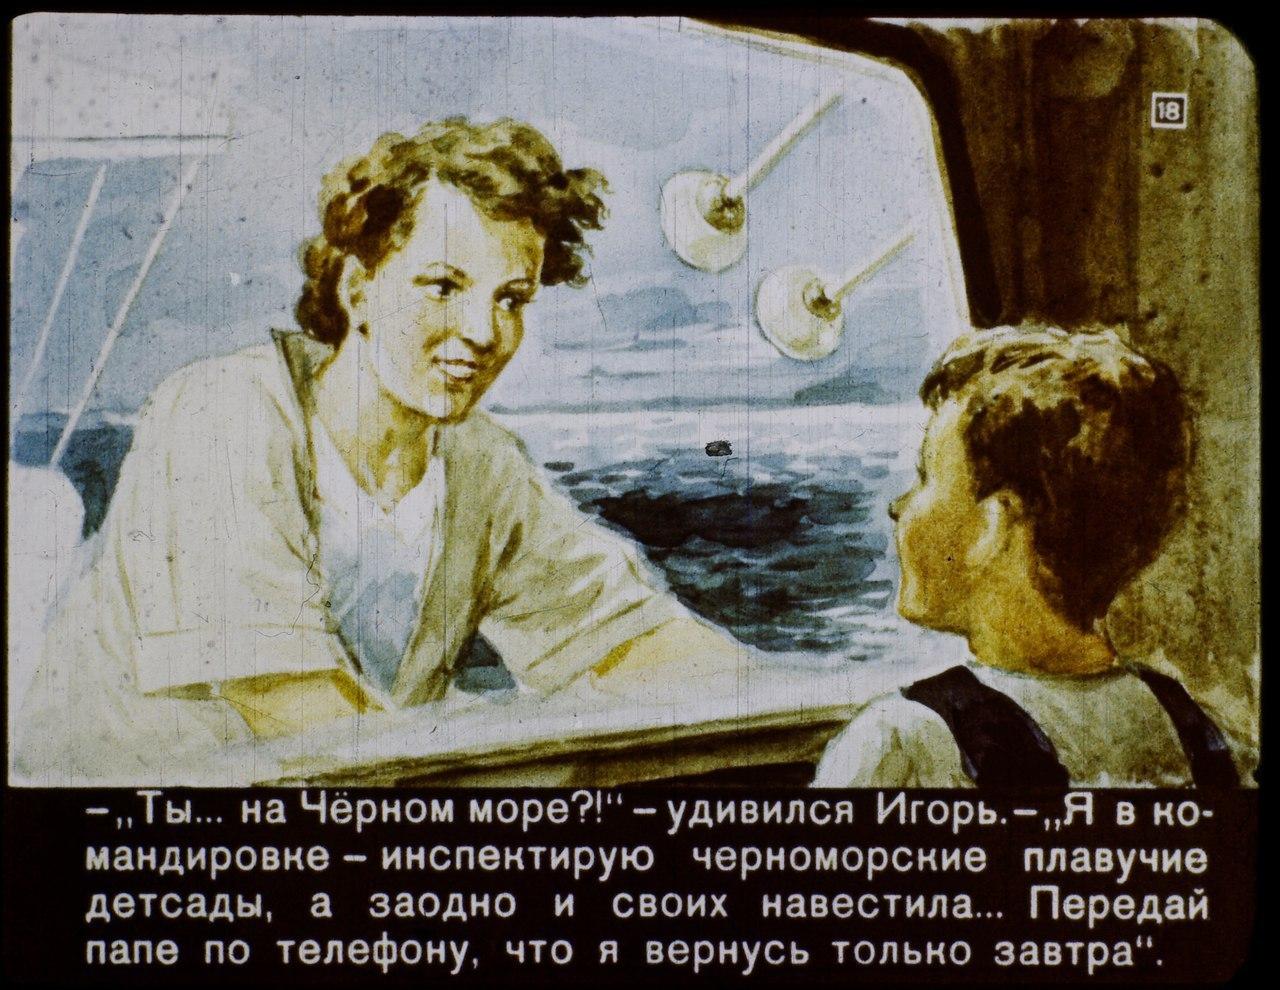 Каким виделся 2017-й из советского 1960 года, сегодня вам расскажет диафильм тех далёких лет